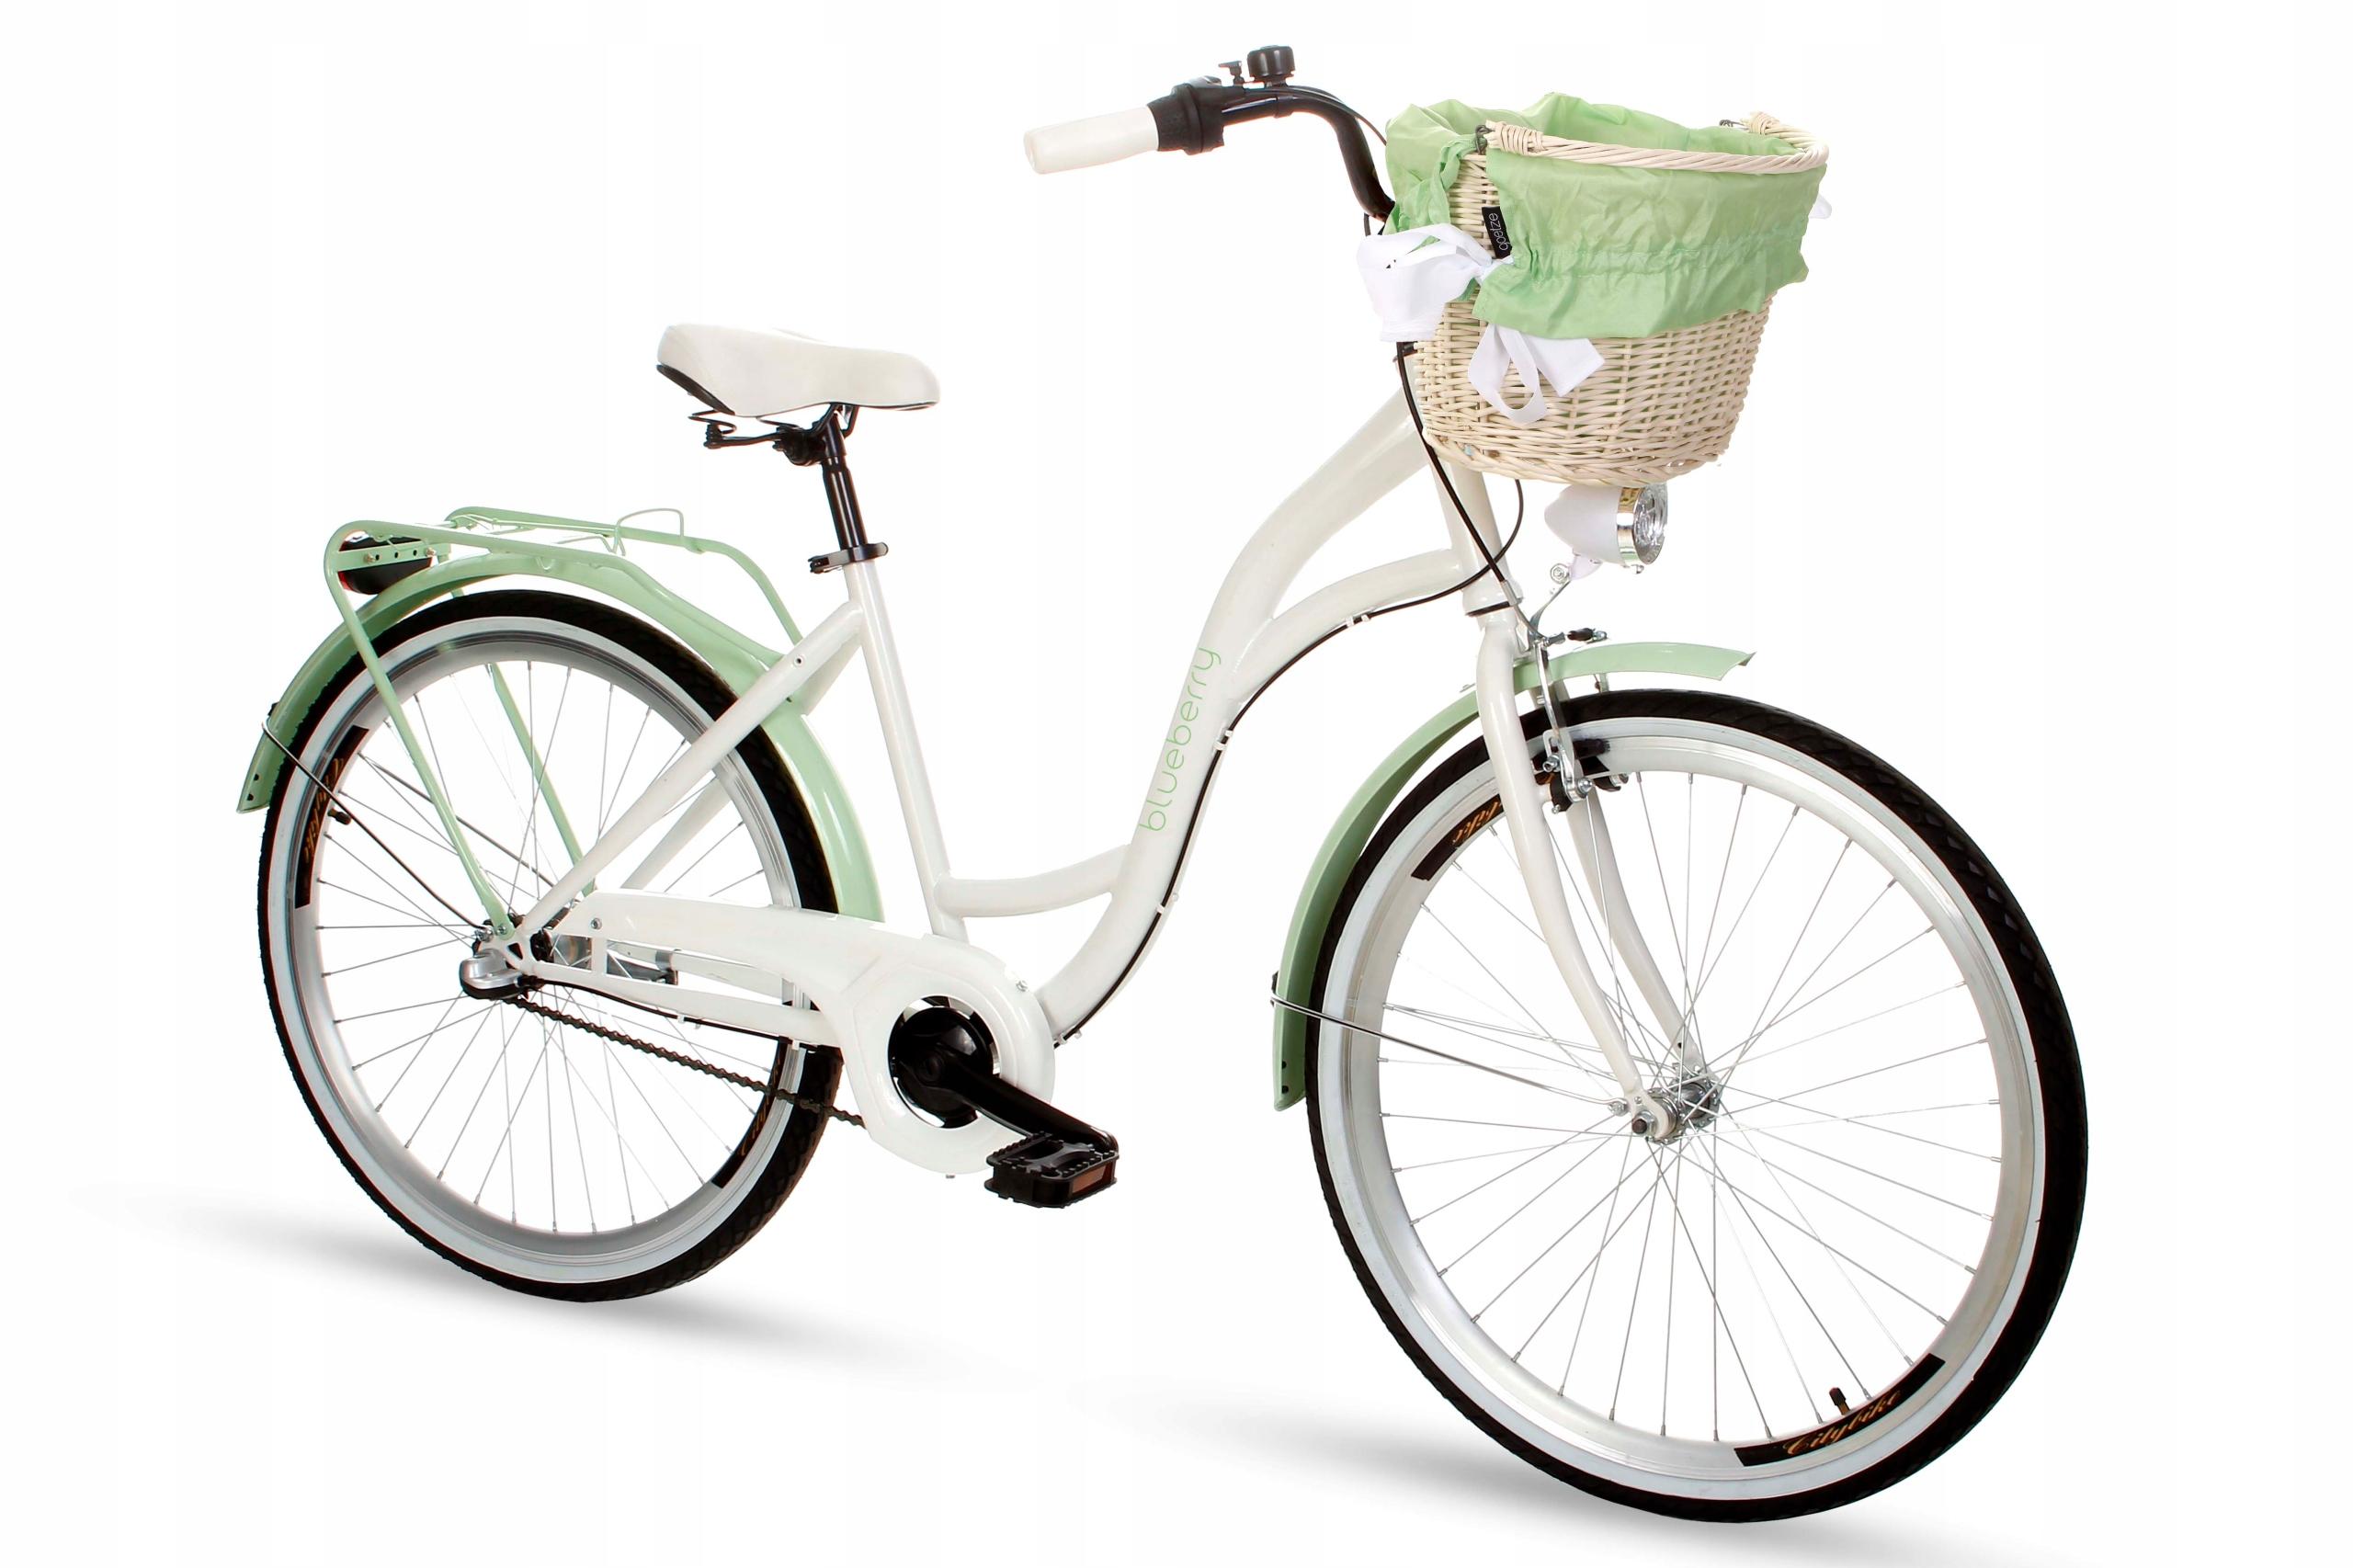 Dámsky mestský bicykel Goetze BLUEBERRY 26 3b košík!  Váha 15 kg